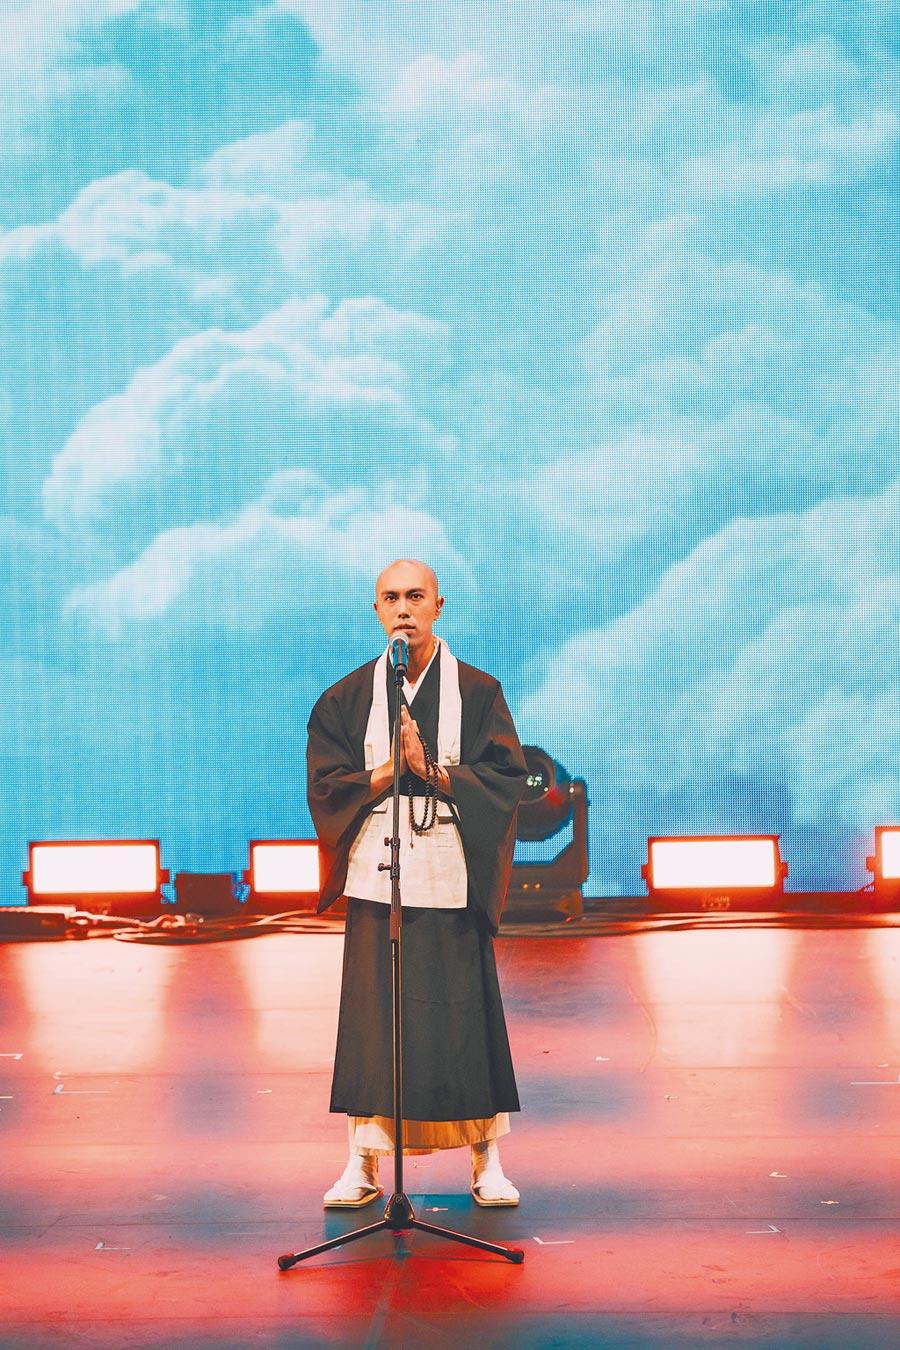 來自日本的佛系男子「藥師寺寬邦」受邀金音獎演出。(文化部影視及流行音樂產業局提供)